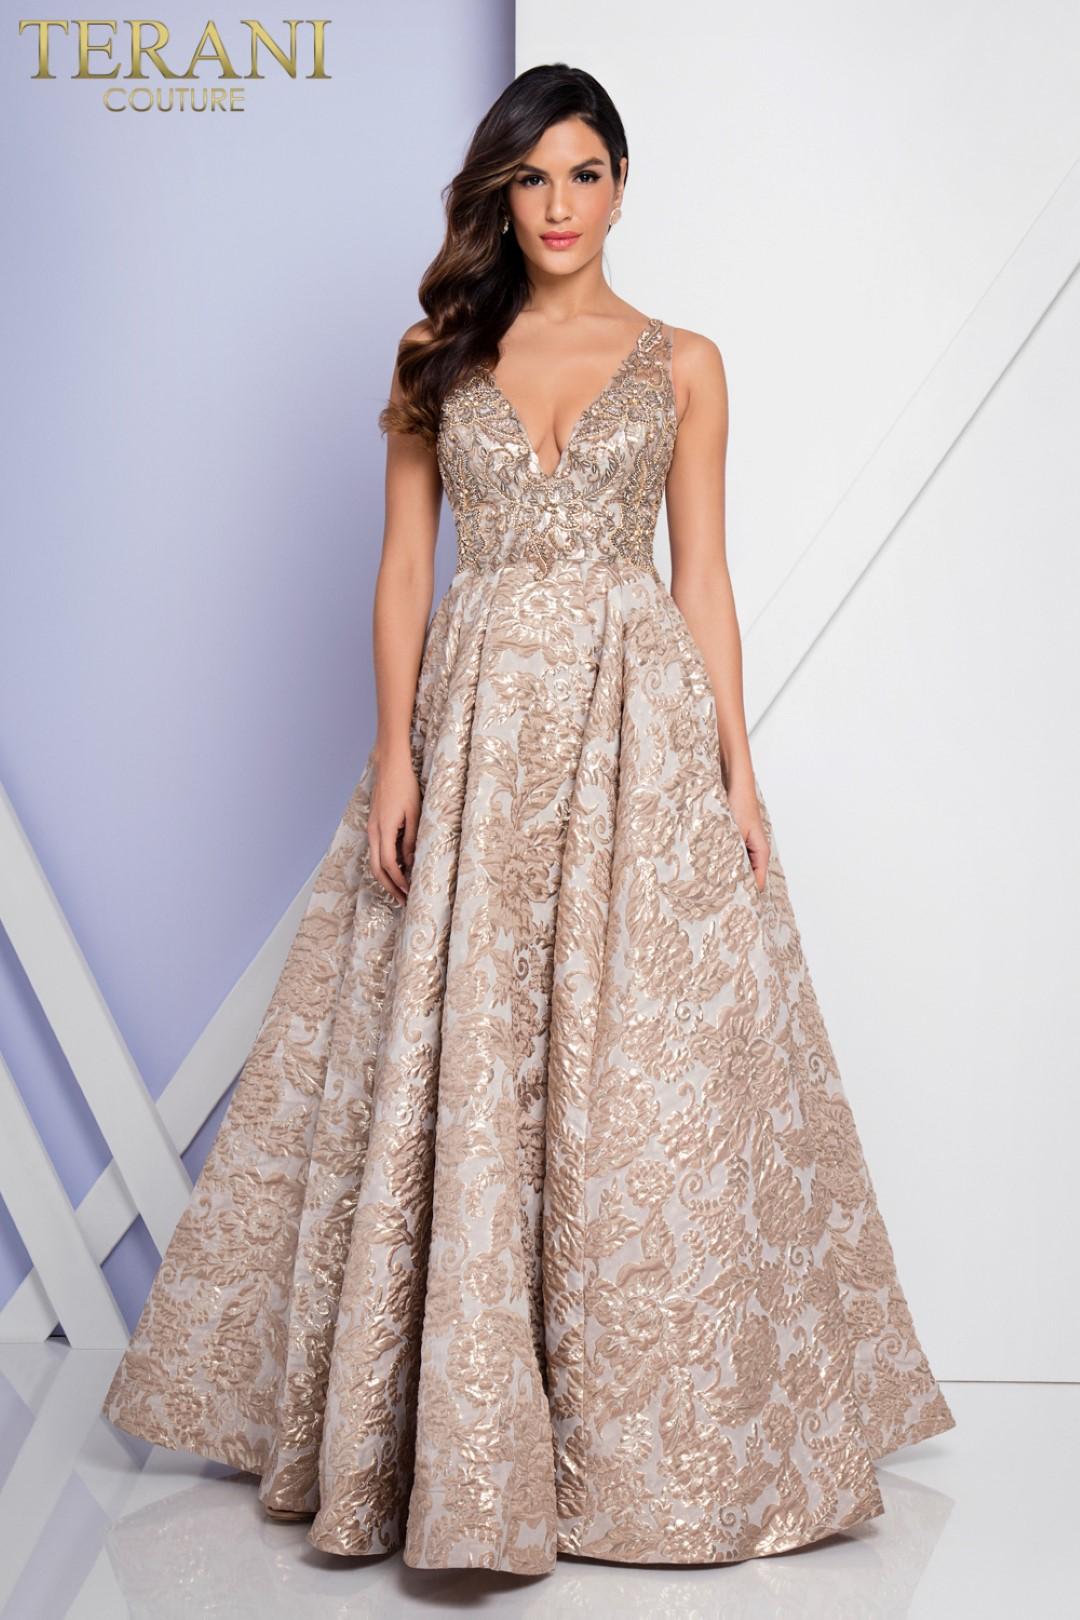 Terani 1721e4145 Tv Awards Dress Red Carpet Gown